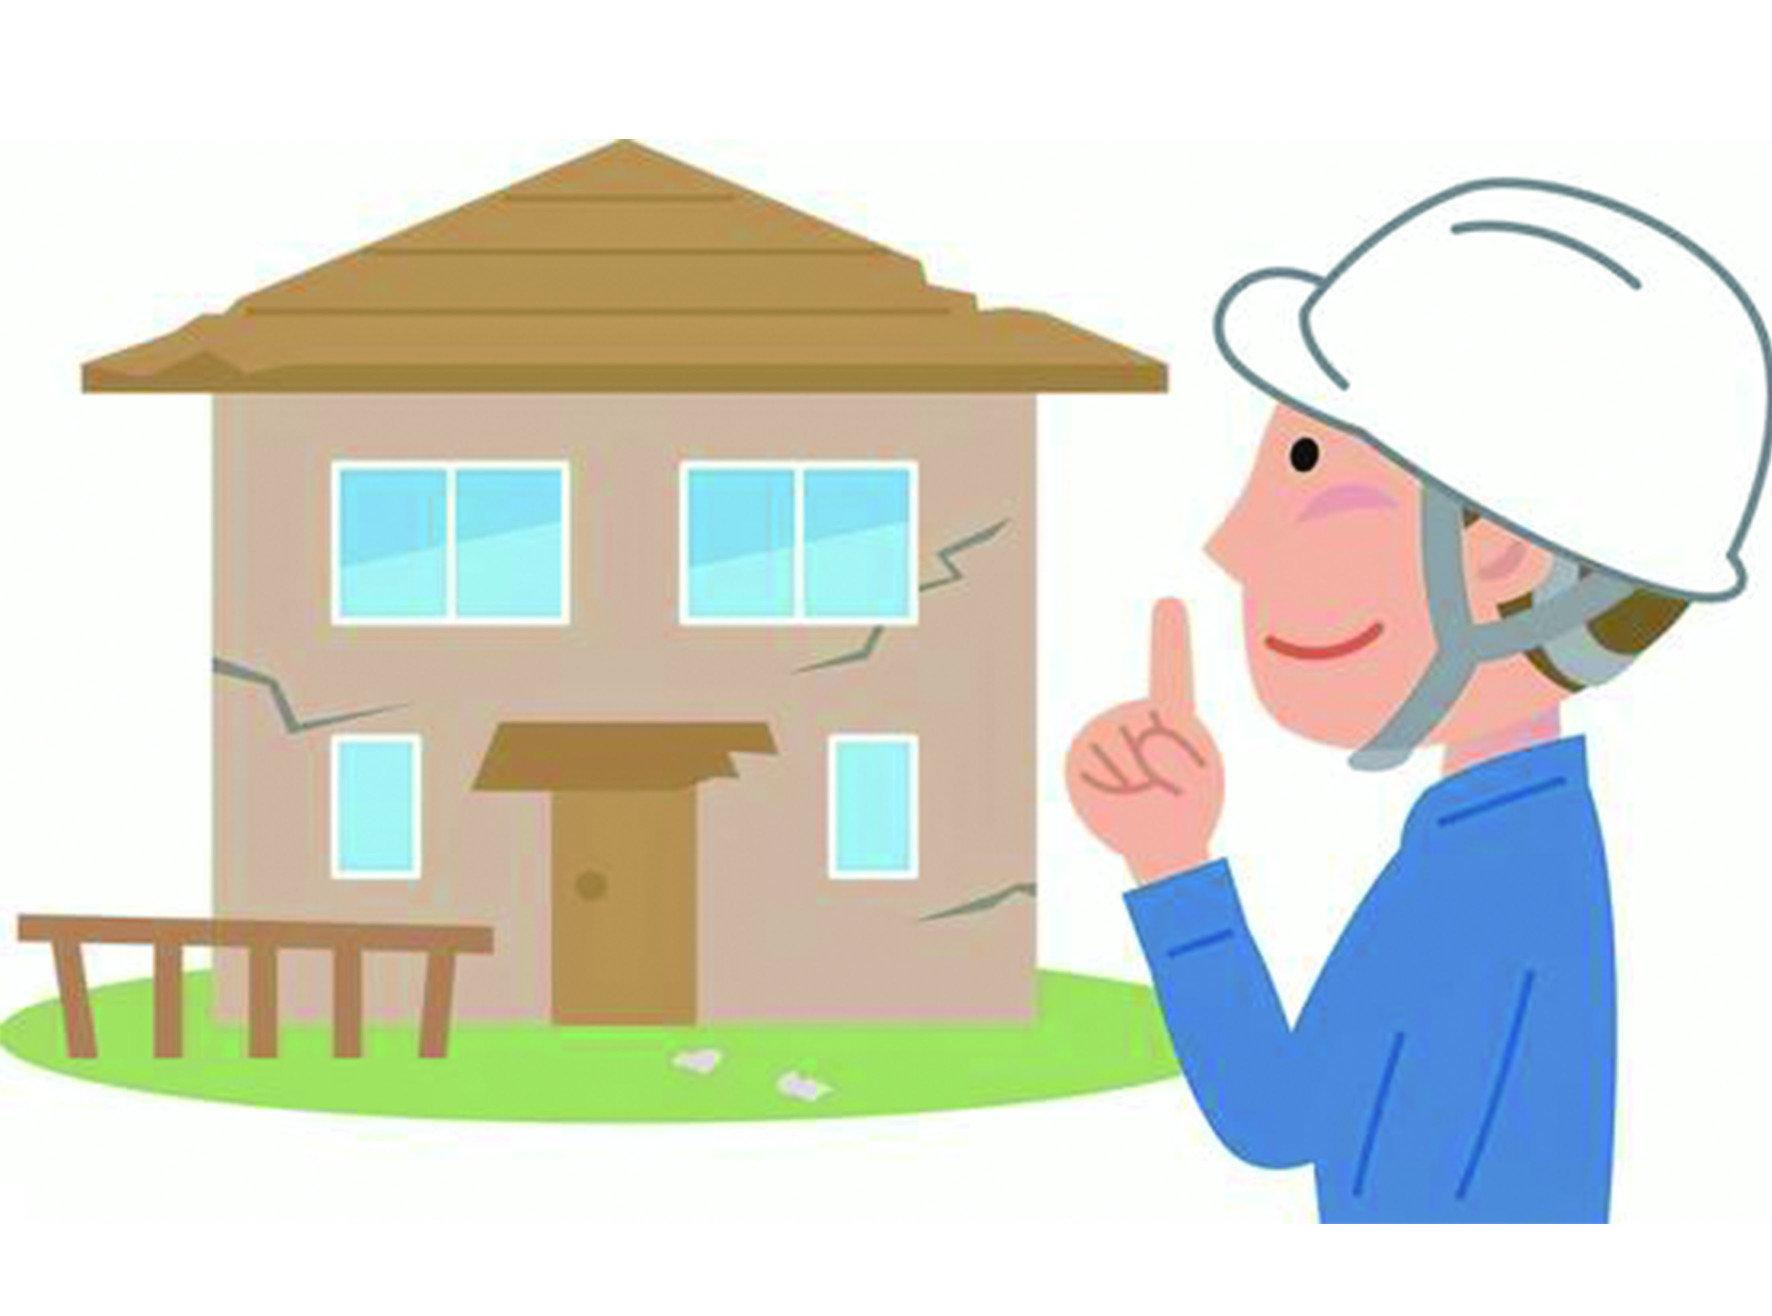 和防治其它害蟲一樣,破壞粉蟎的繁殖空間,仍是防治過程中最重要的一環。妥善控制室內溫度、濕度,除了防治粉蟎,也能避免室內物品發霉。